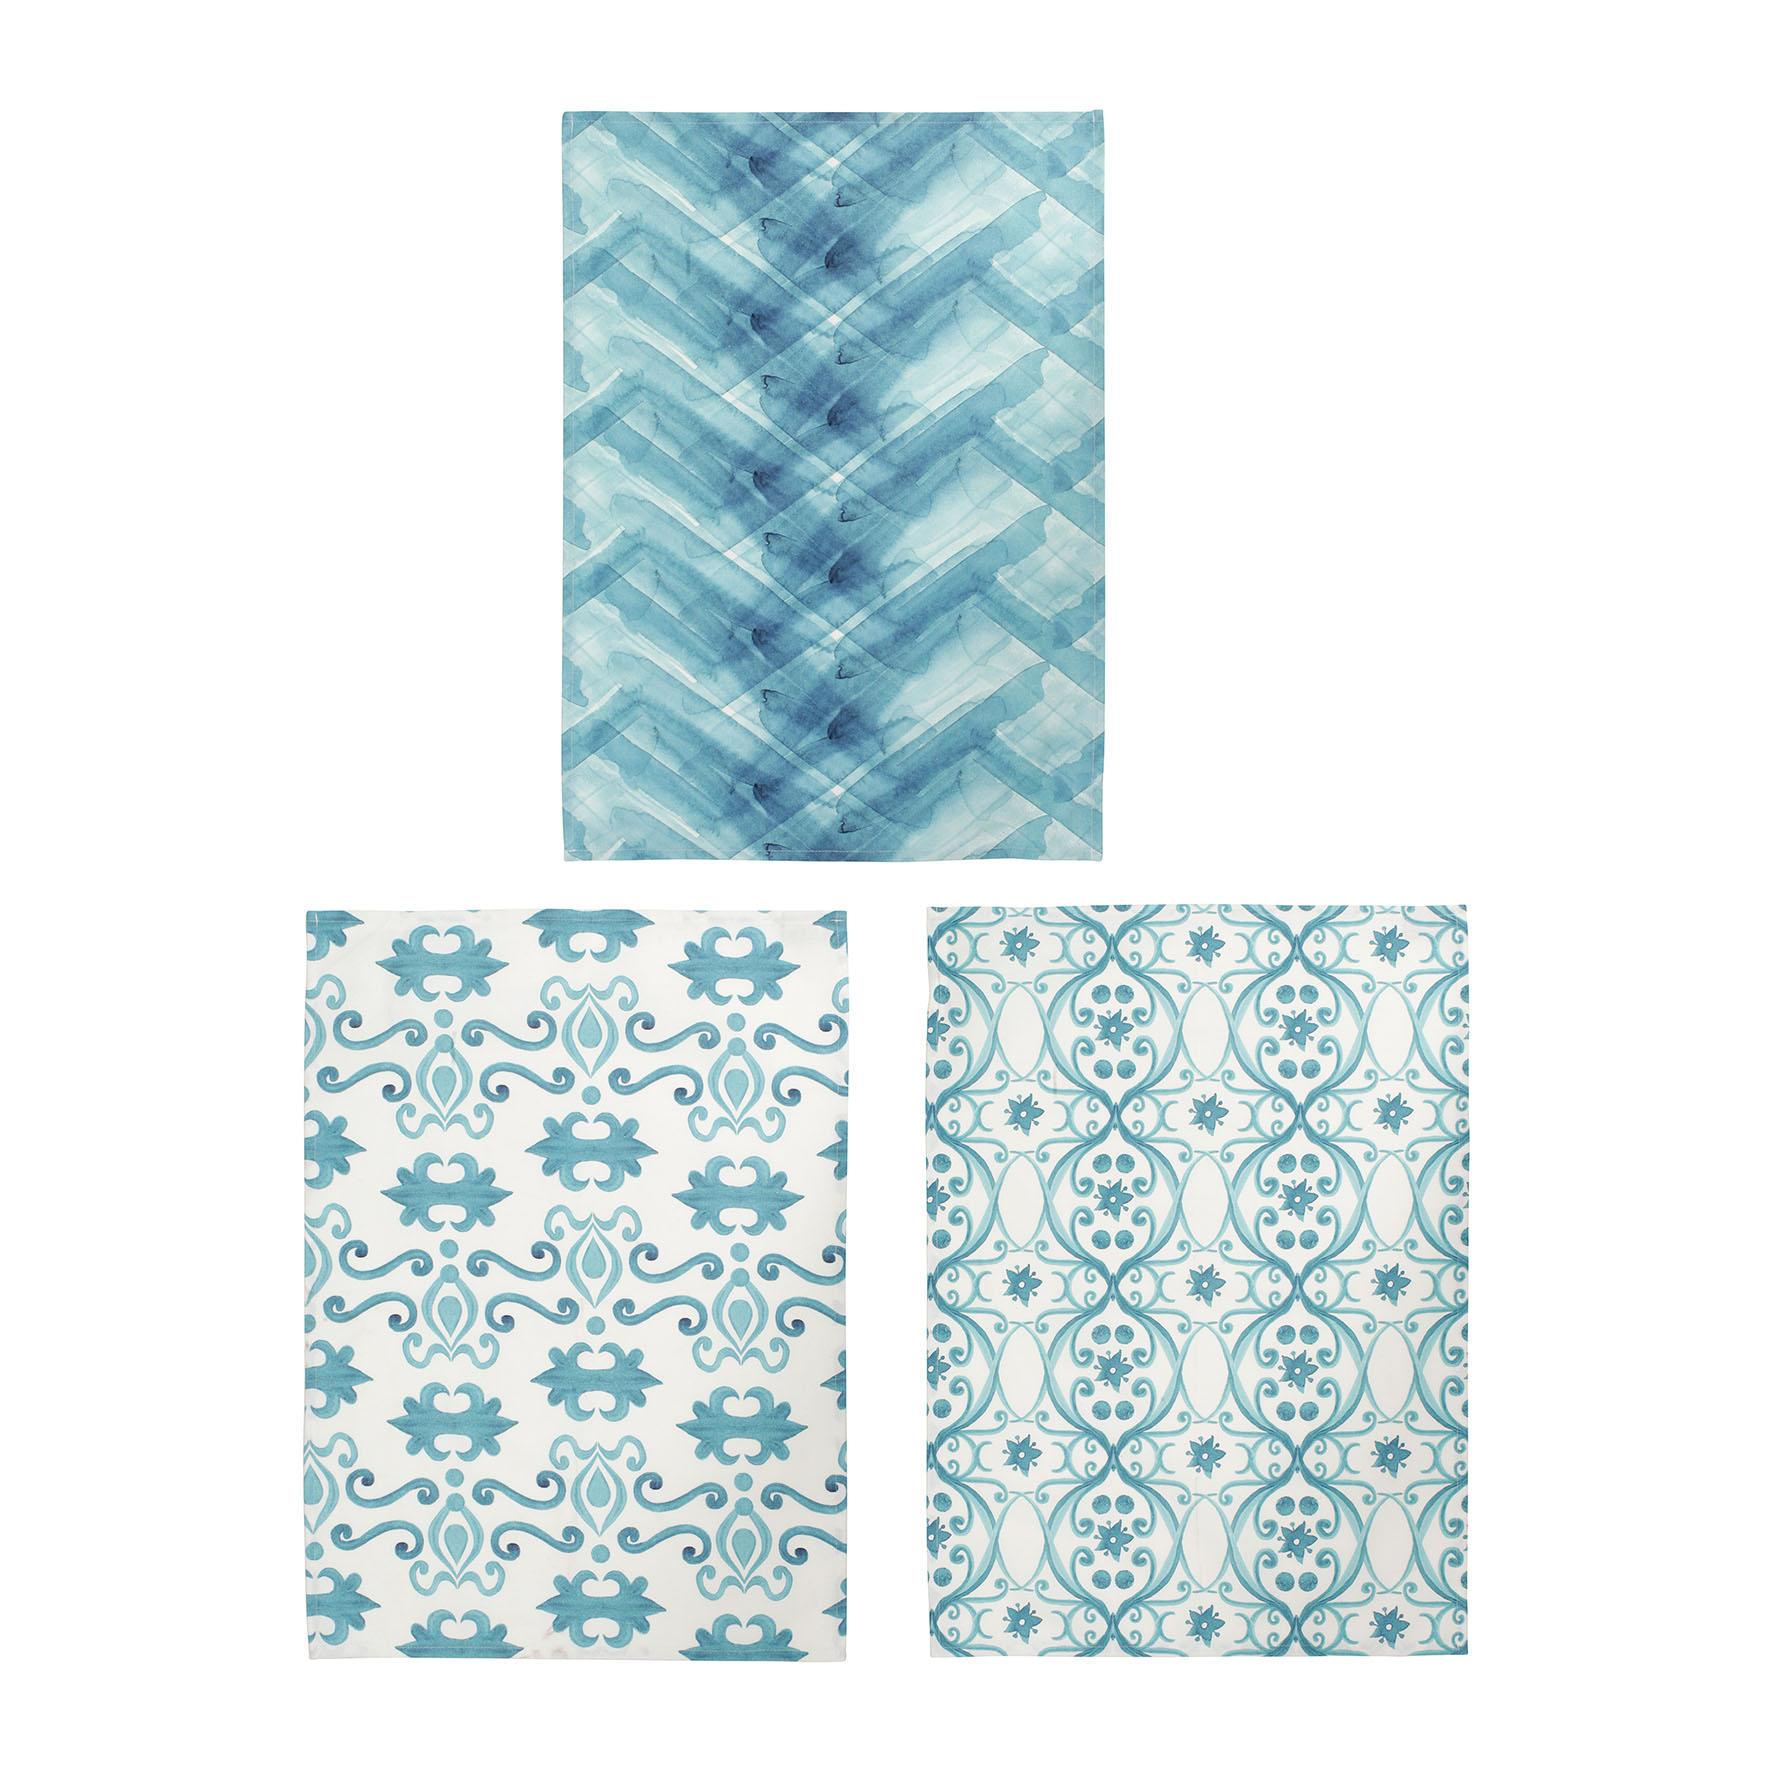 CÔTÉ TABLE Kuchyňská utěrka Blue 50x70 cm Modrá vzor velký, modrá barva, textil